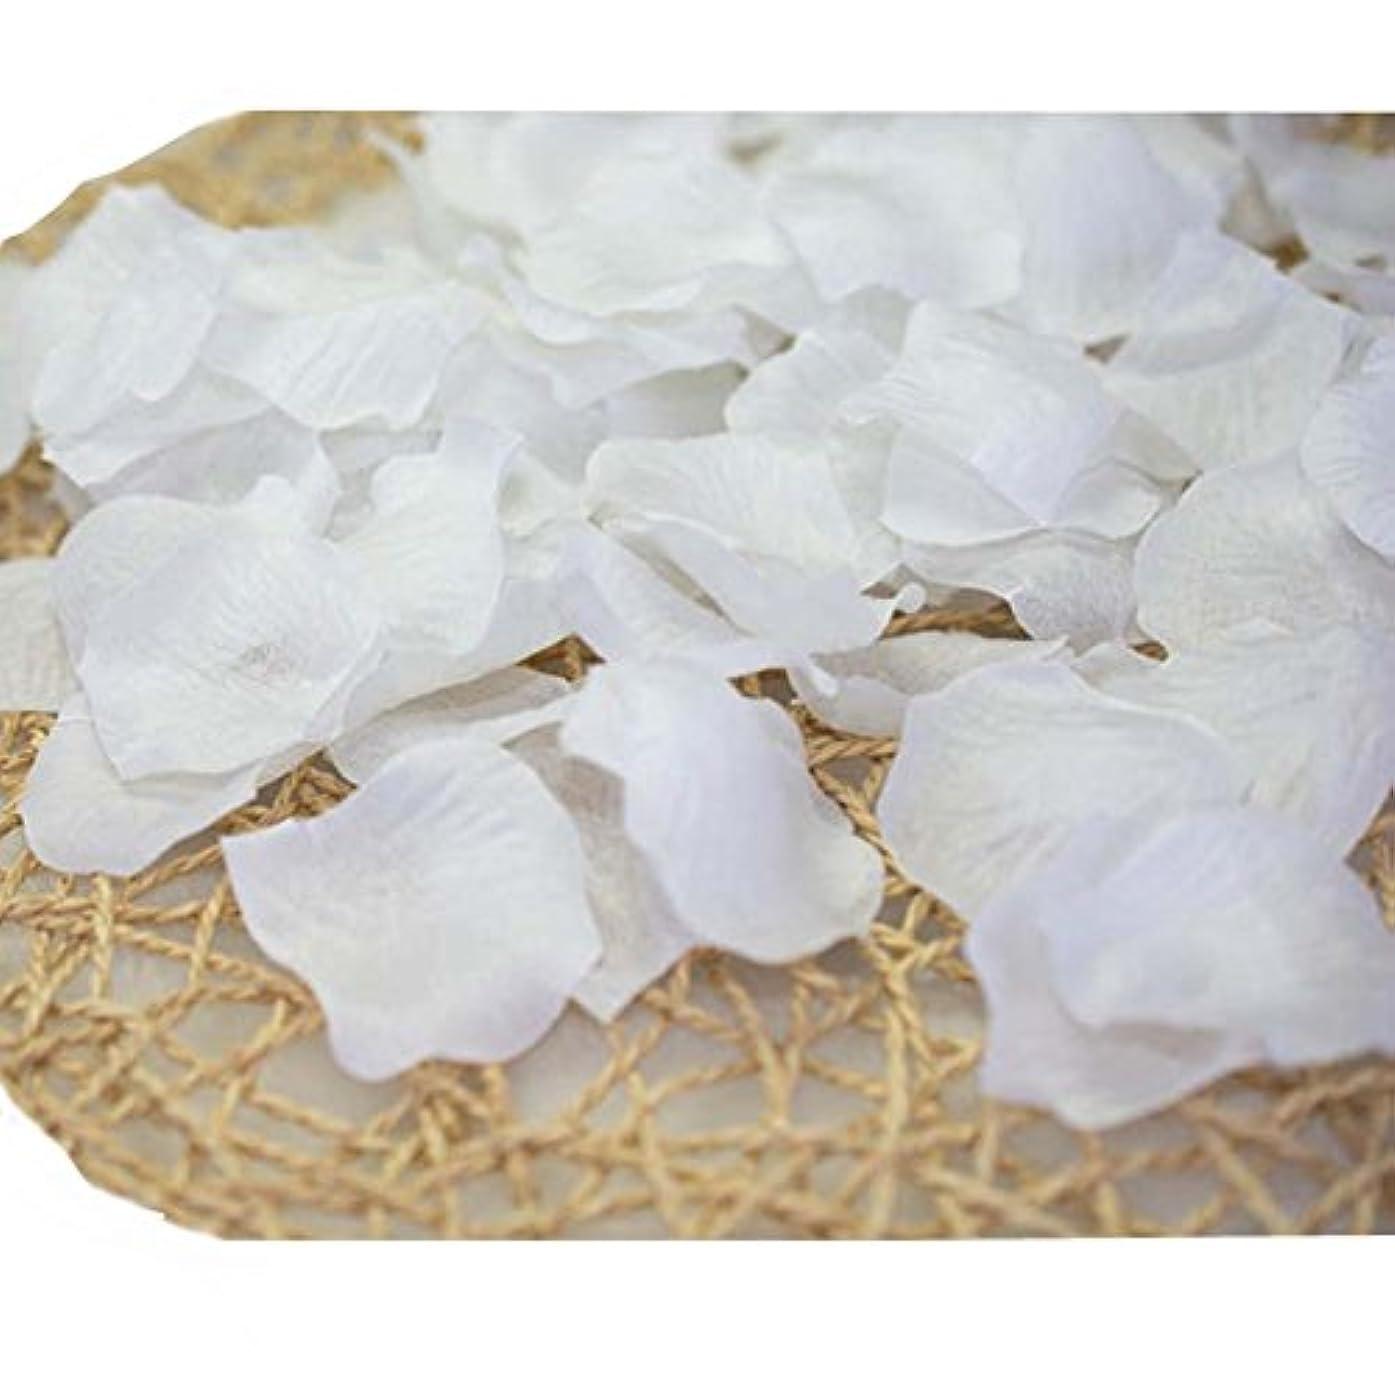 テレマコス慈悲深いチップ結婚式のための人工花びら白840のセット